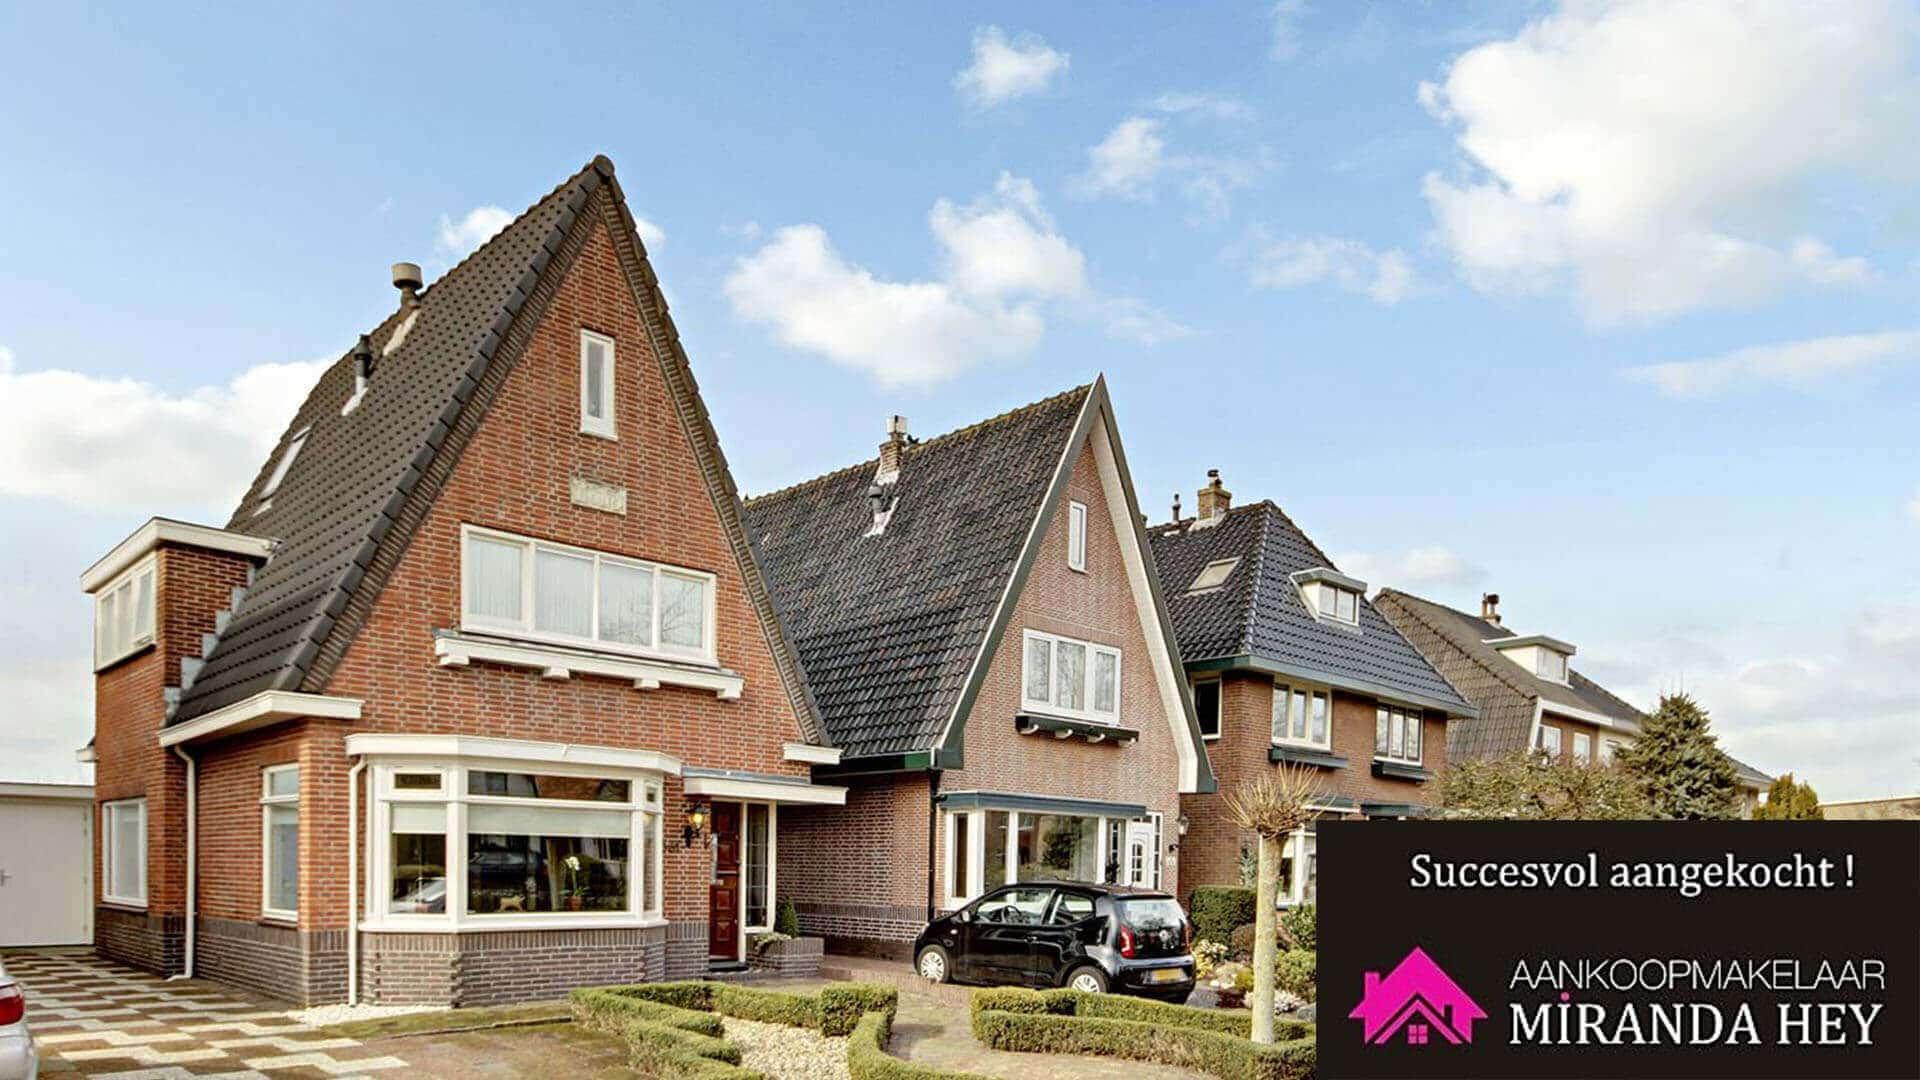 Kennemerstraatweg 361, Heiloo - Gespecialiseerde aankoopmakelaar in Alkmaar